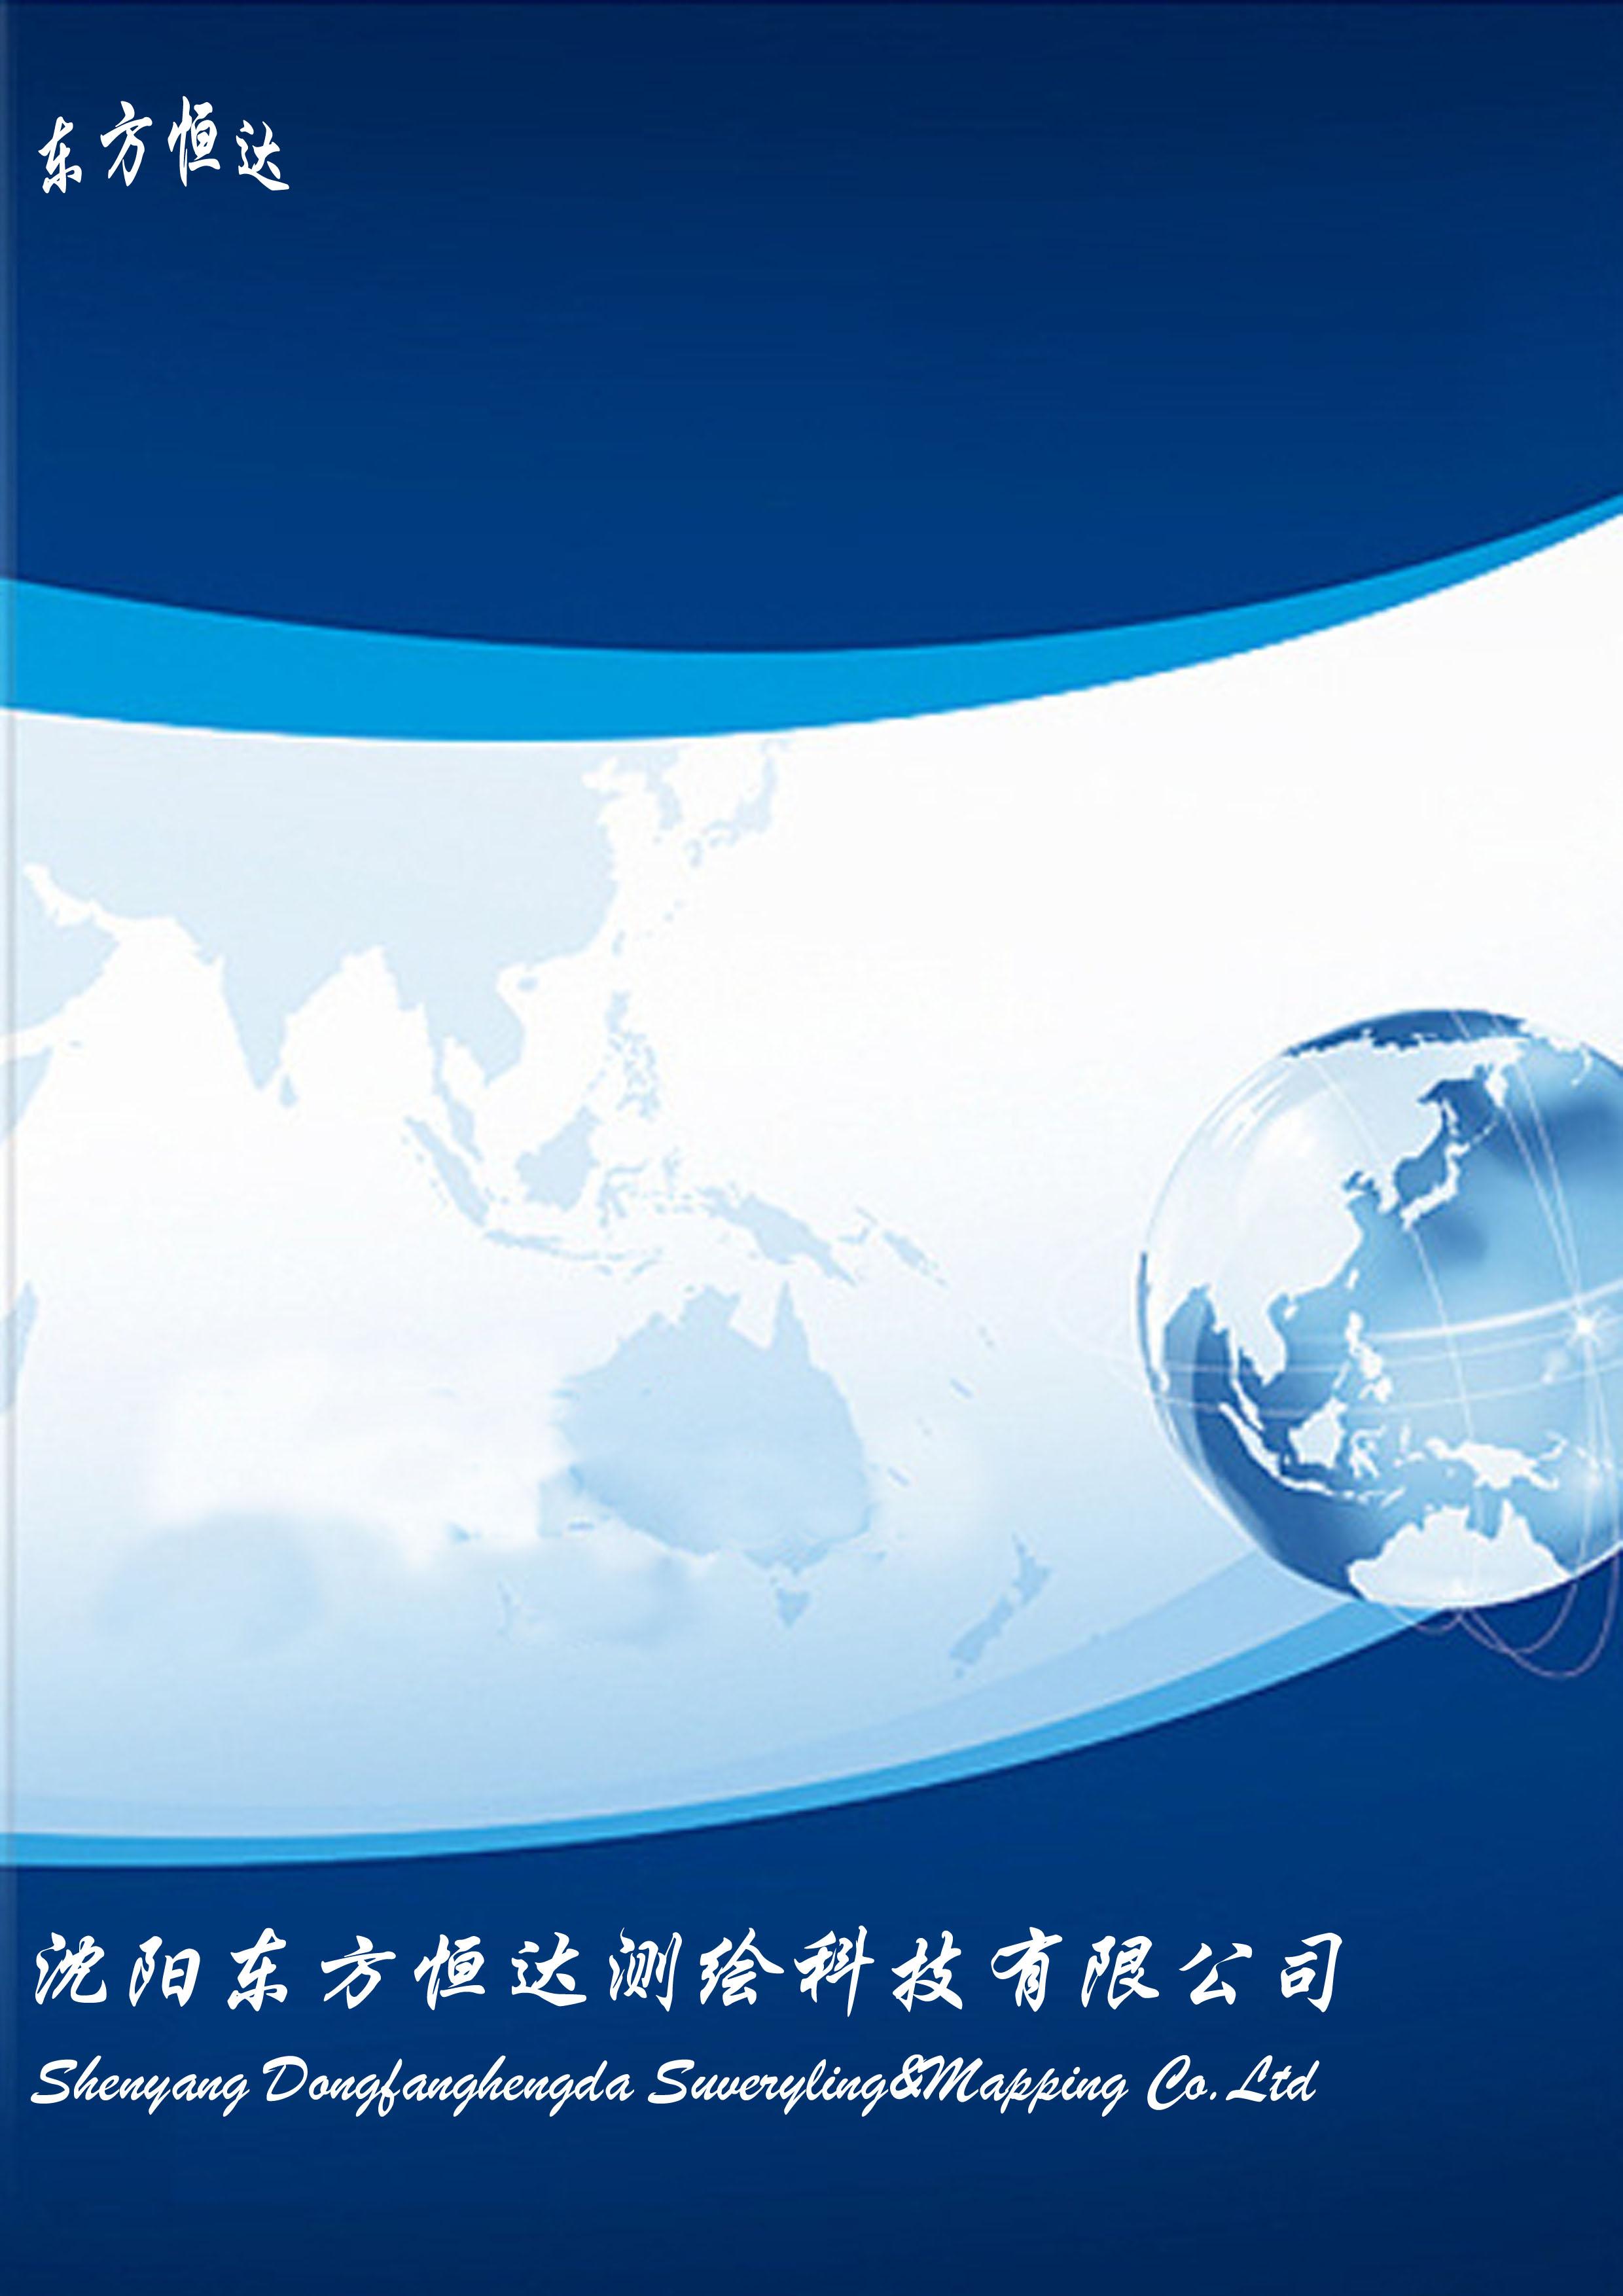 沈阳东方恒达测绘科技有限公司logo